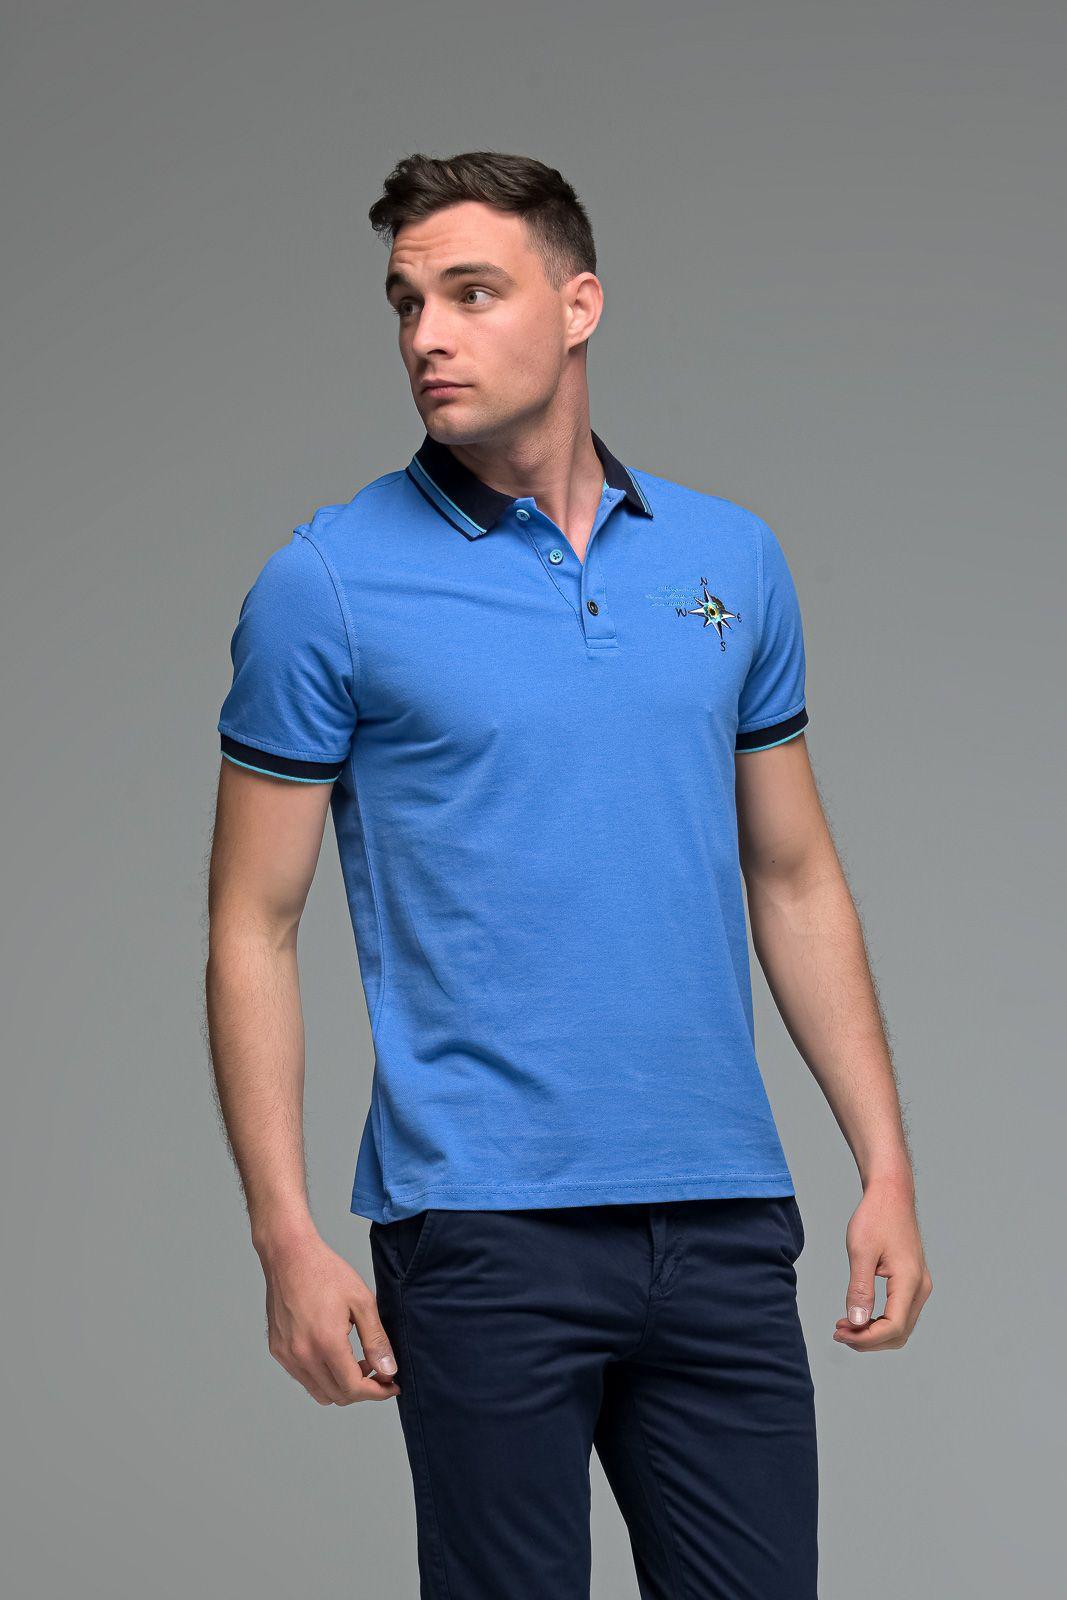 Ραφ Μπλε Ανδρικό Πόλο Μπλουζάκι με Κέντημα NESW